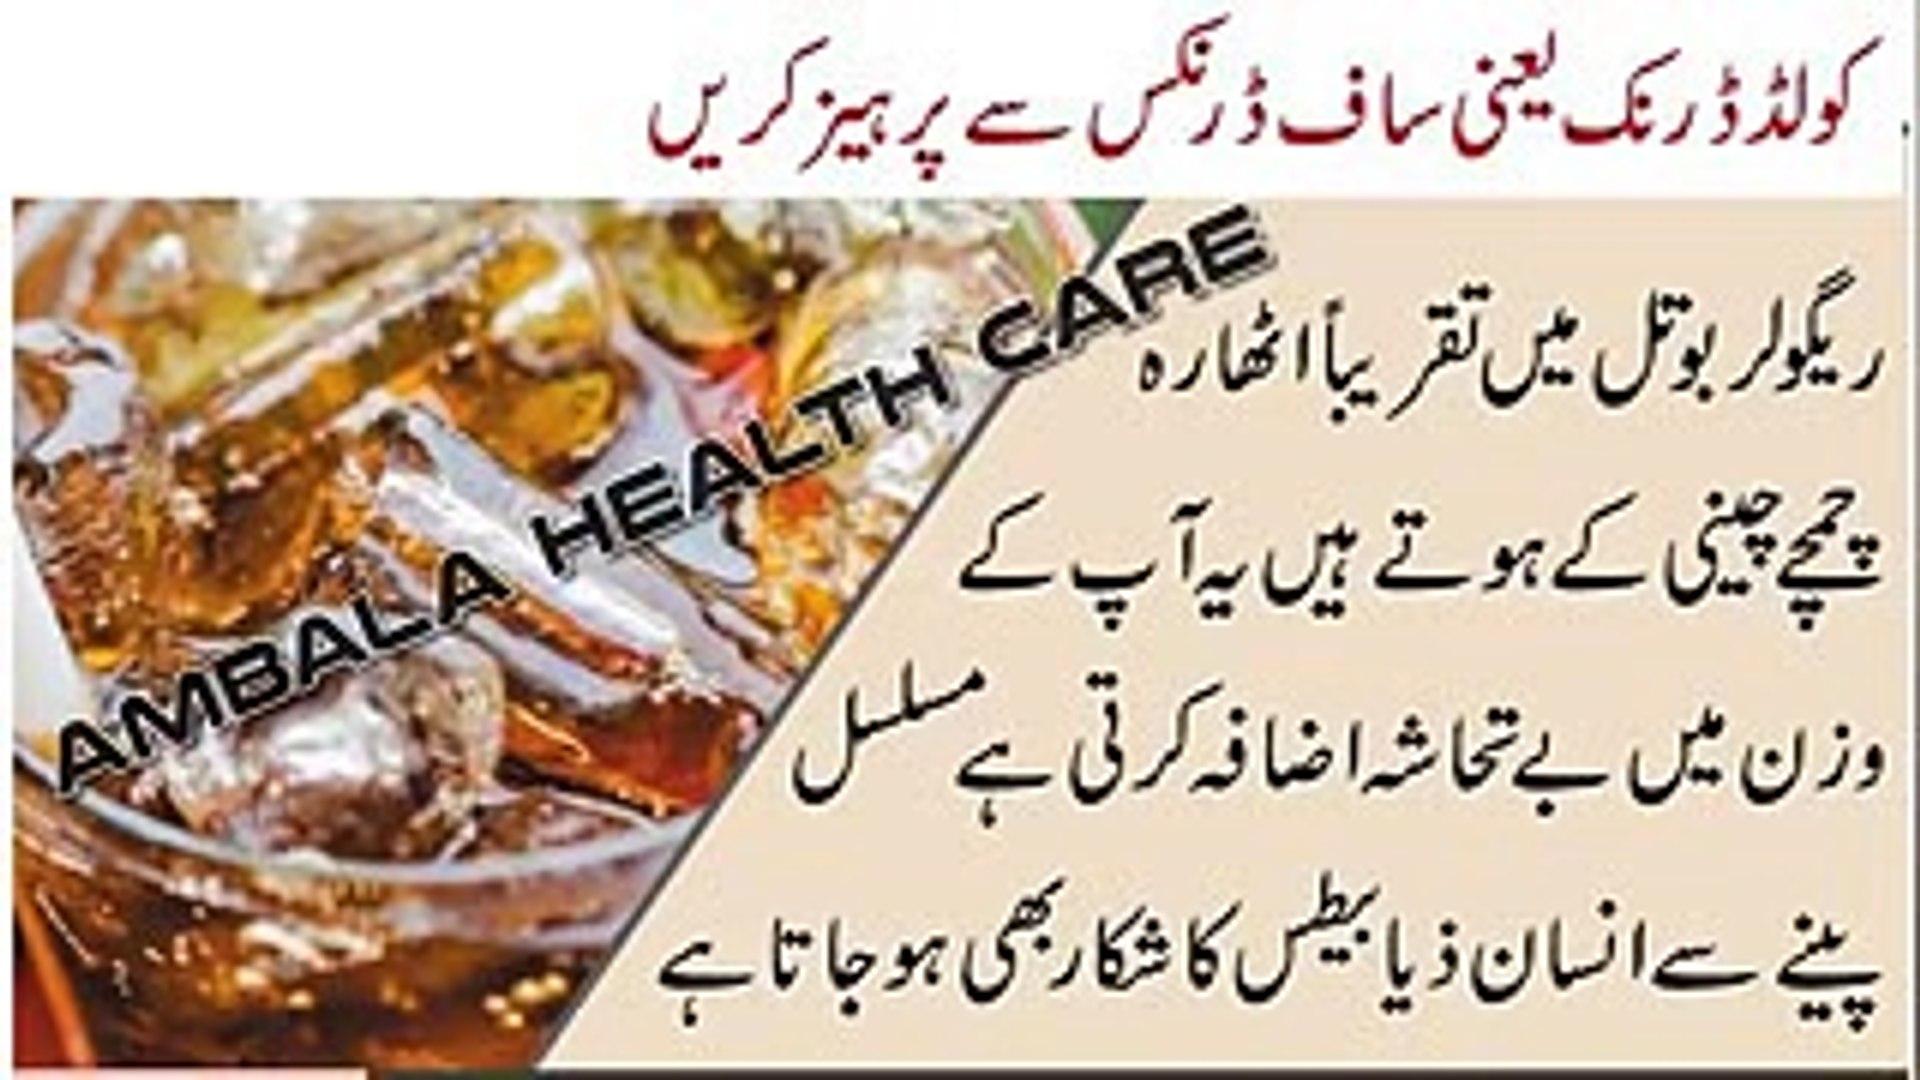 Cold Drink Ke Nuksan _ Cold Drink Se Parhaiz Karein - video